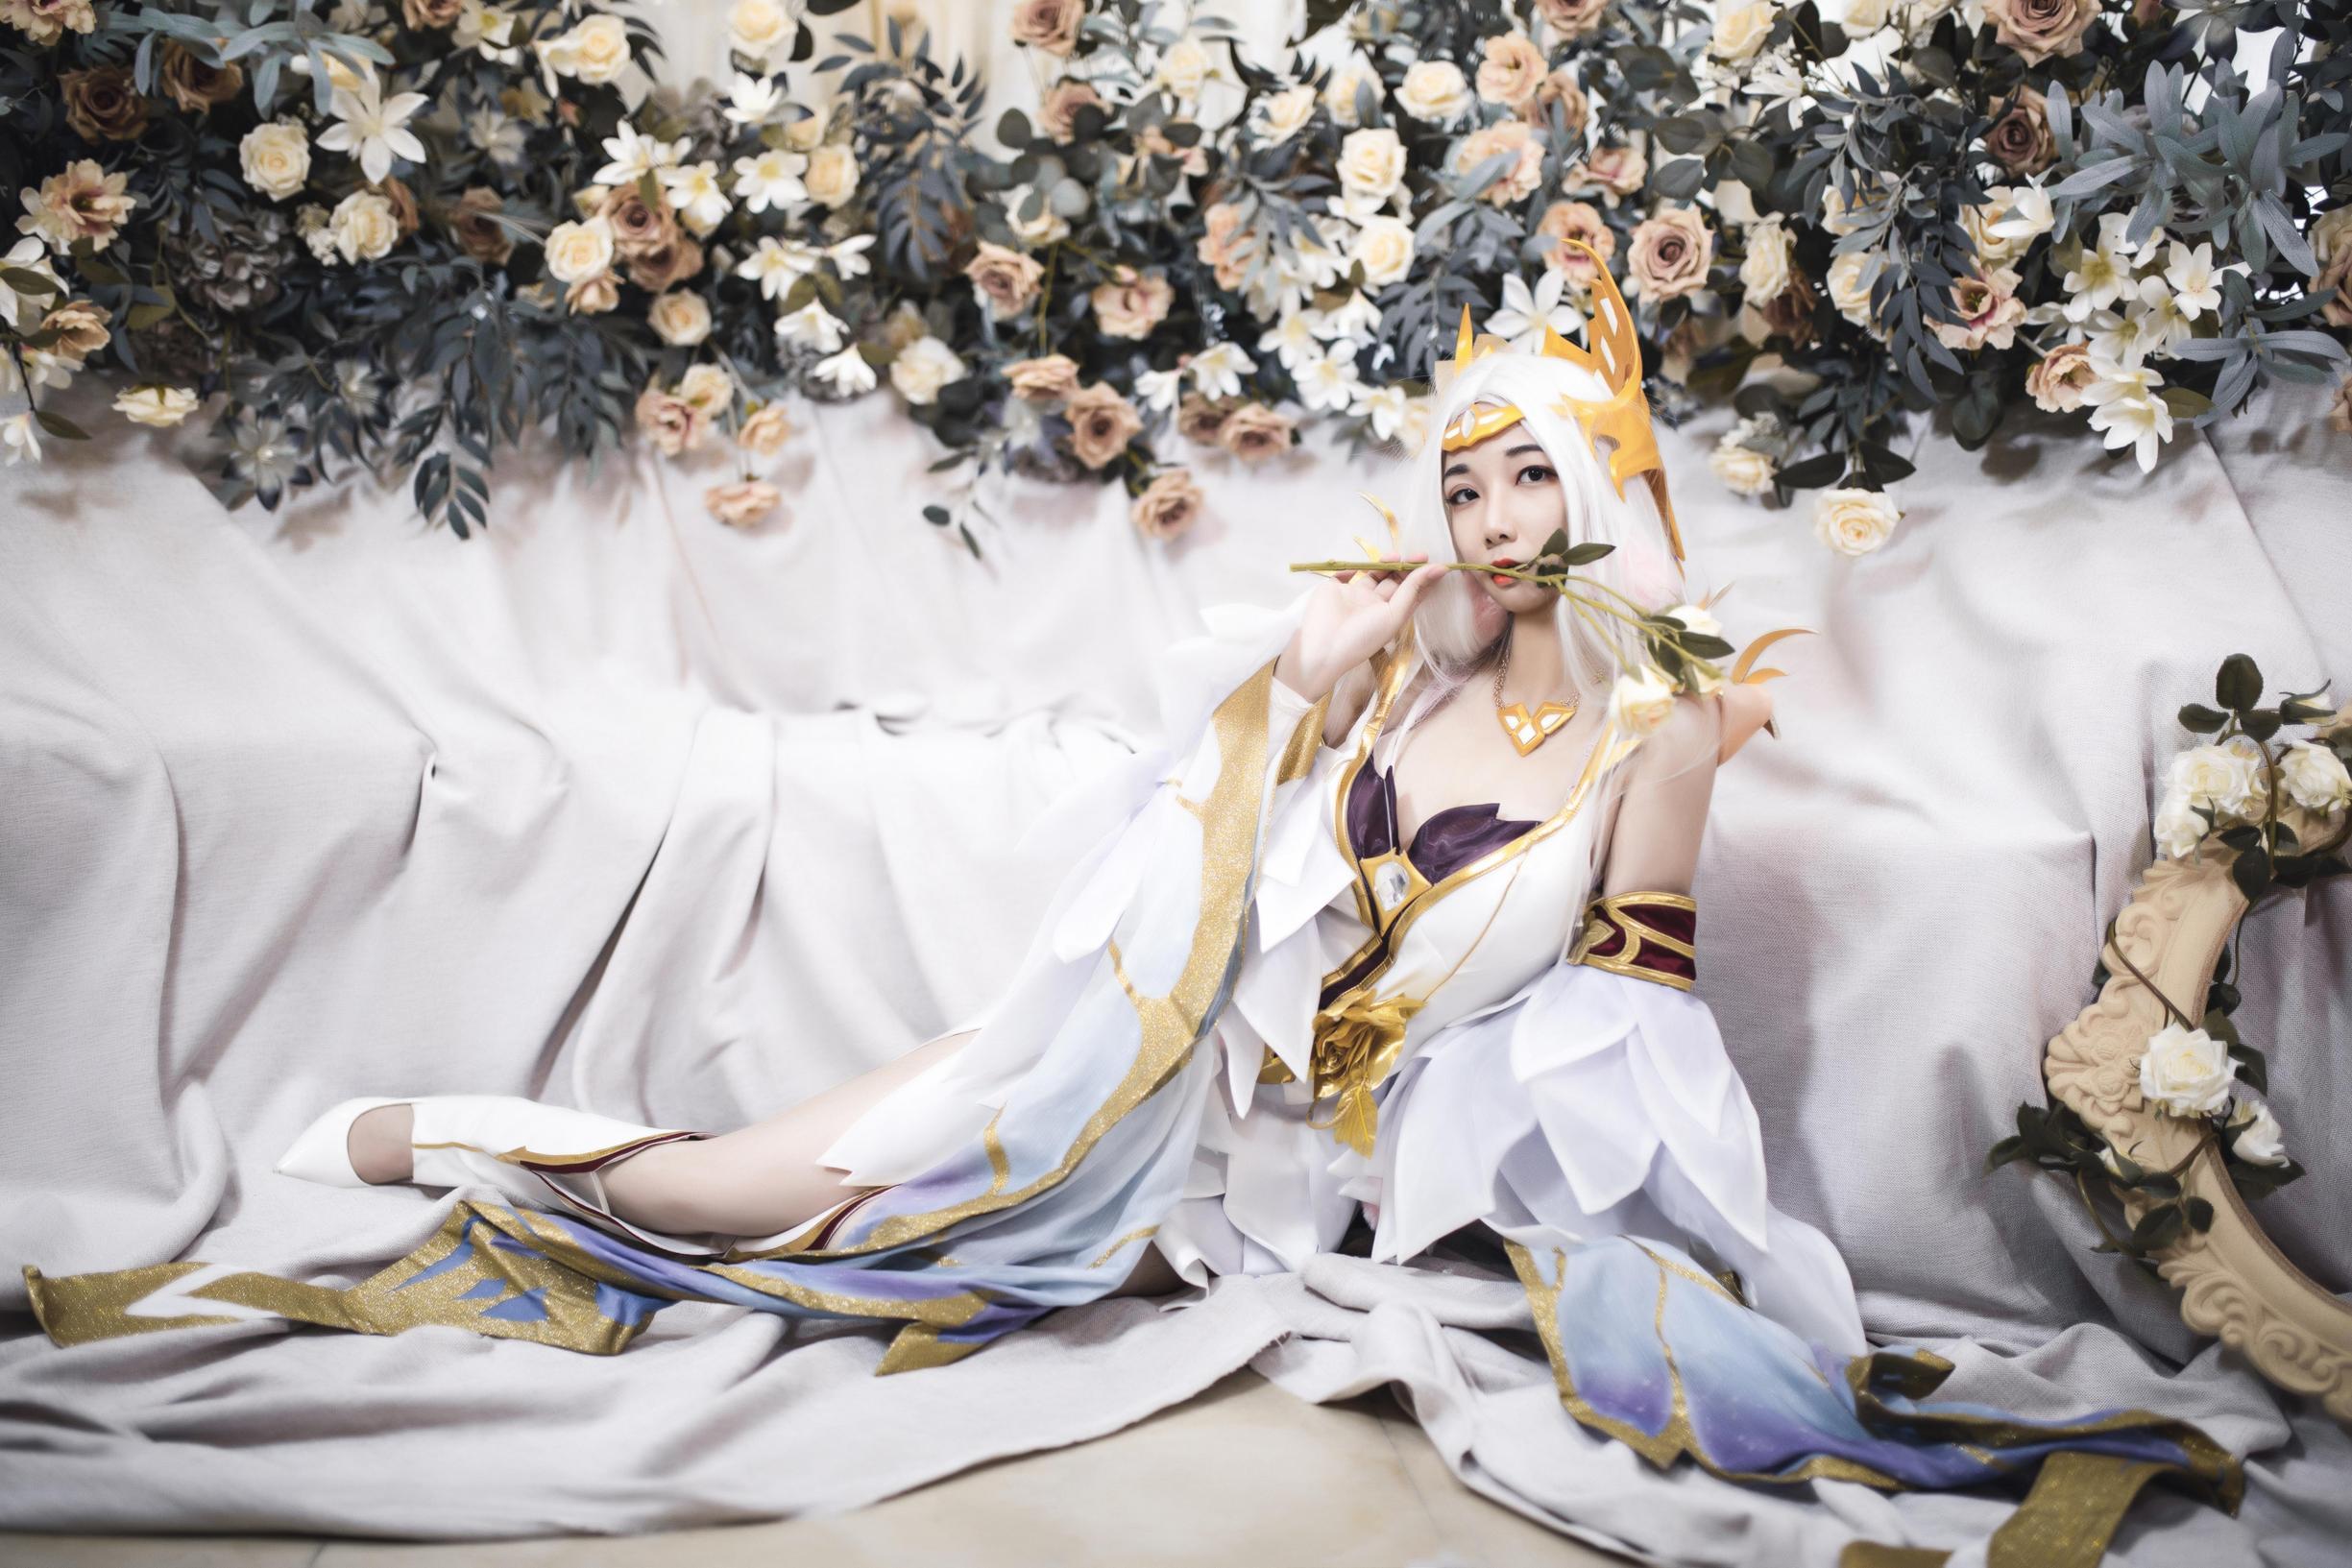 《王者荣耀》王者荣耀貂蝉cosplay【CN:阿音mew】-第3张